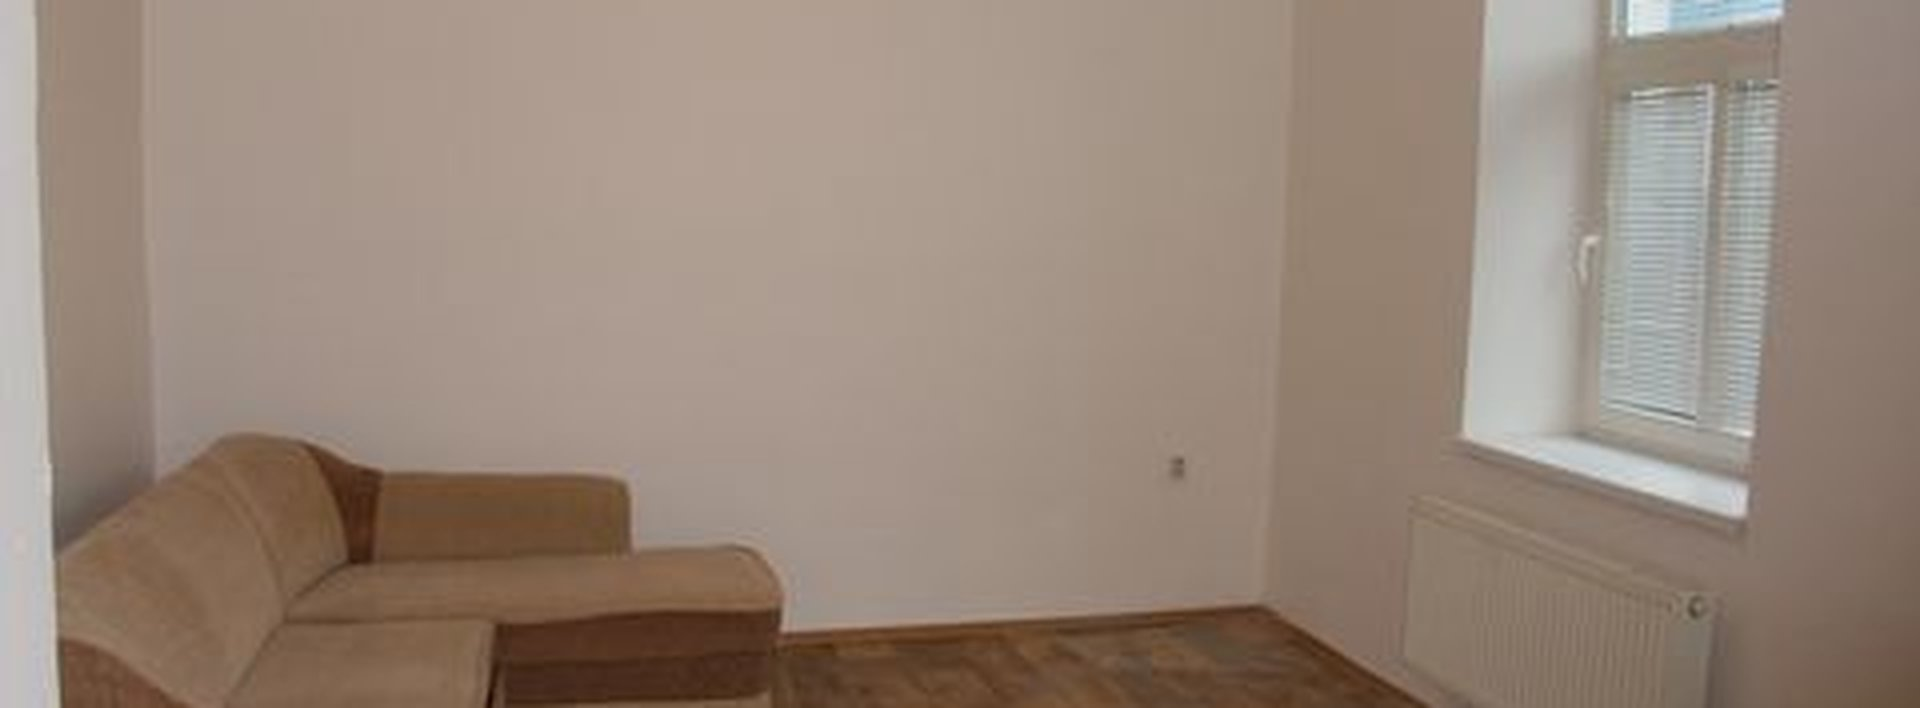 Zrekonstruovaný byt 1+kk v přízemí zděného bytového domu, Ev.č.: N46317